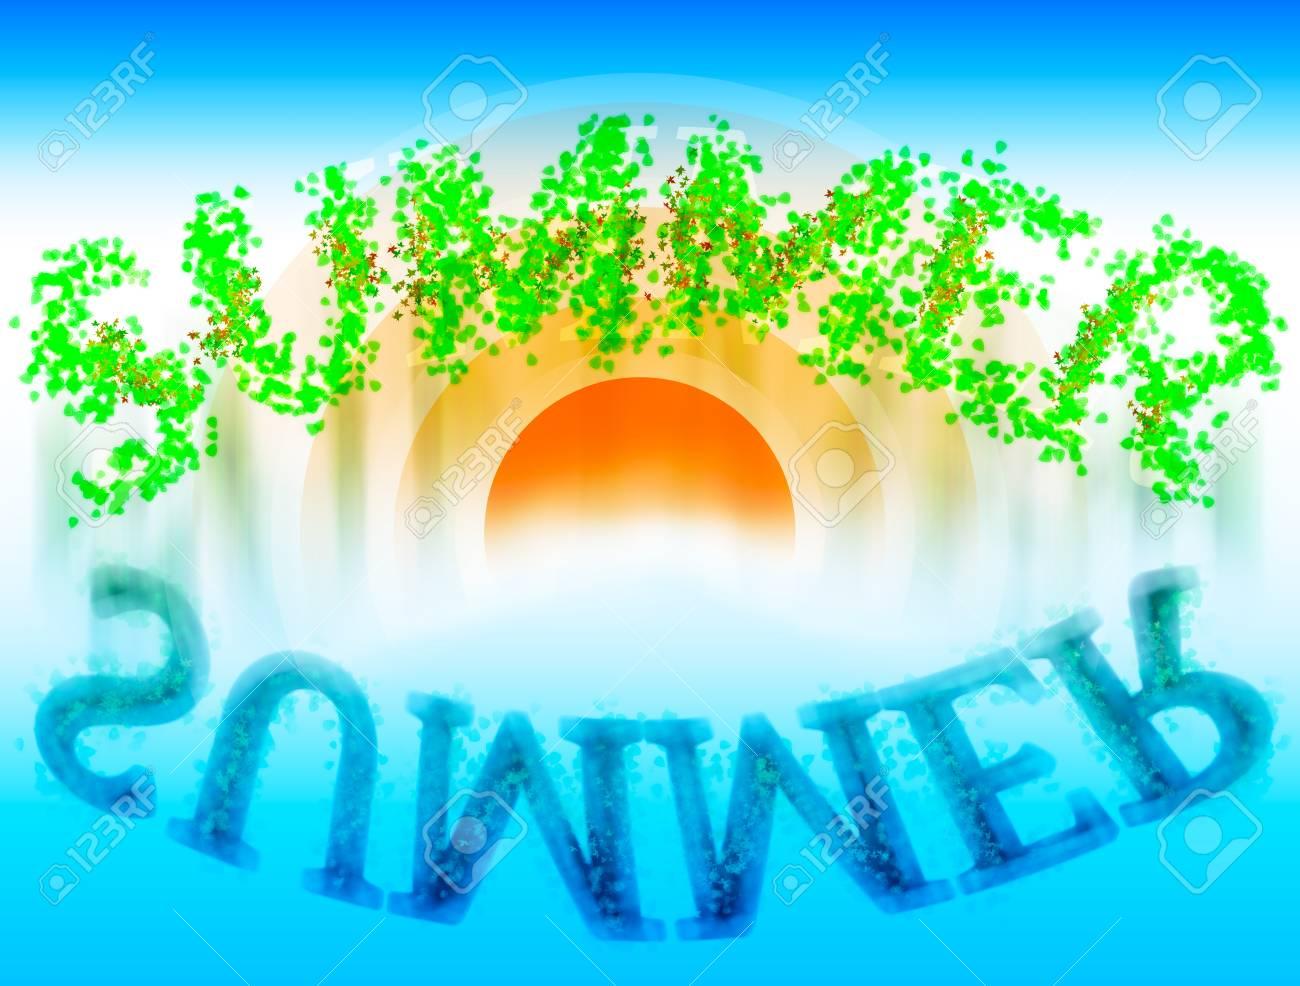 水反射イラスト背景夏単語 ロイヤリティーフリーフォト、ピクチャー